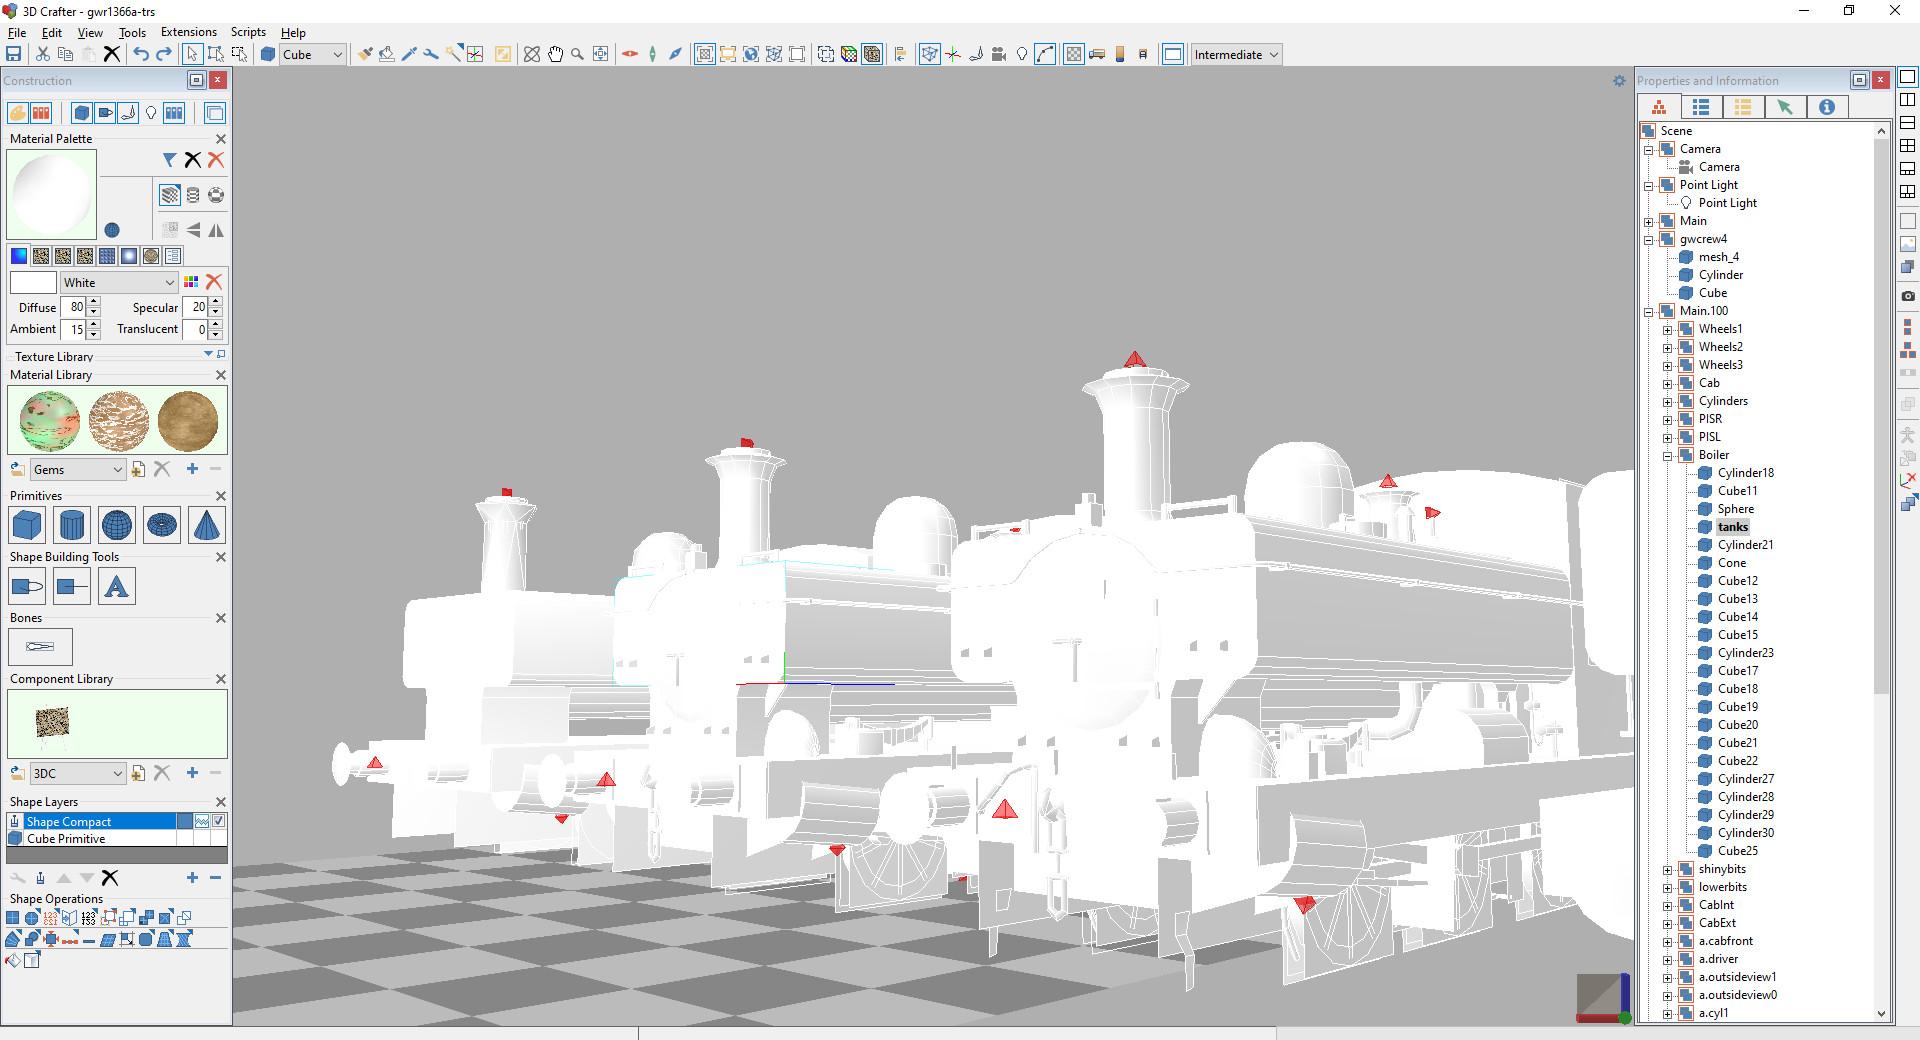 Screenshot 1 - 3DCrafter